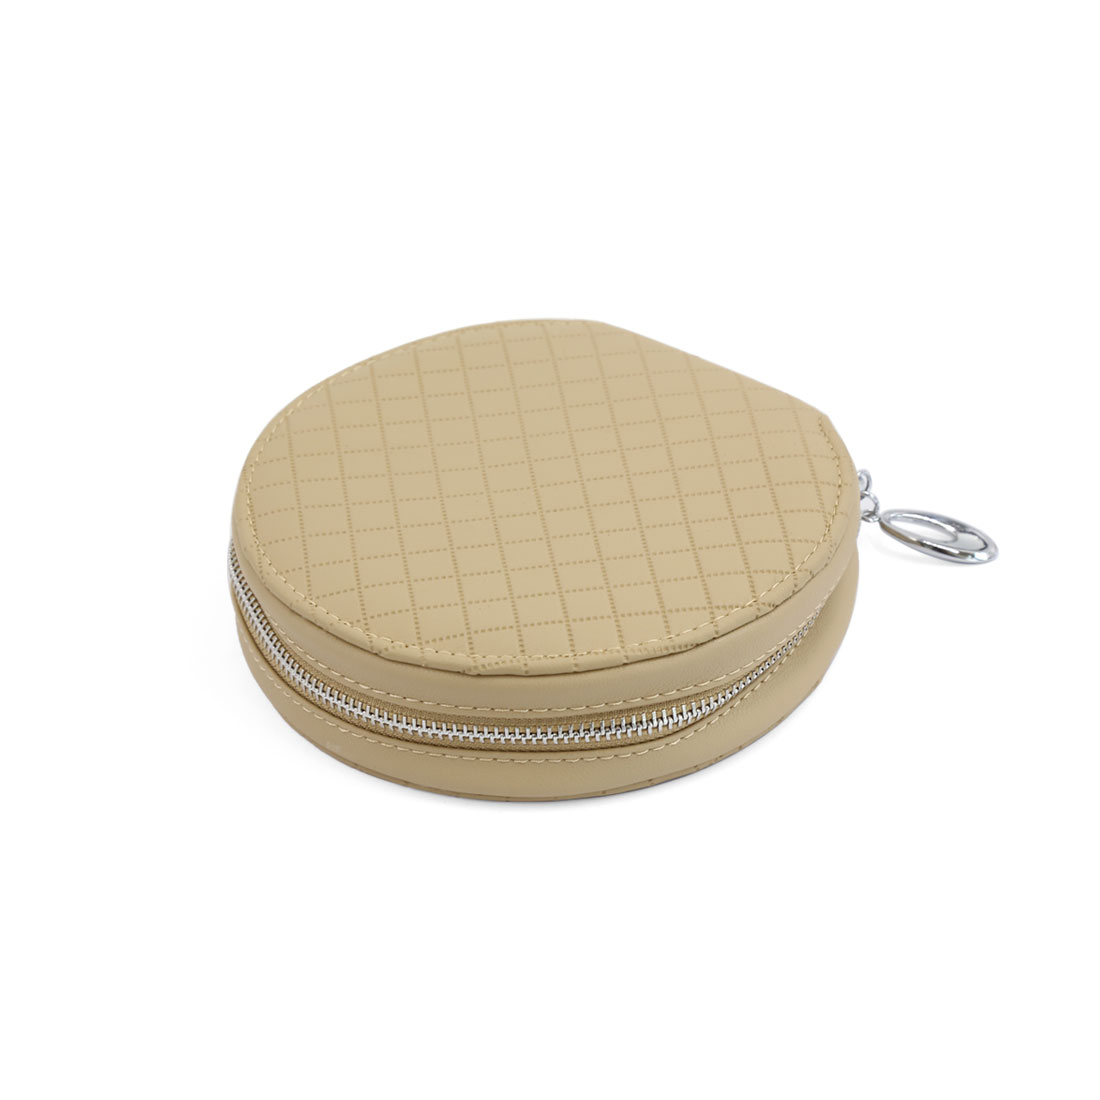 20 Disc CD DVD Holder Storage Case Organizer Wallet Cover Bag Box Beige